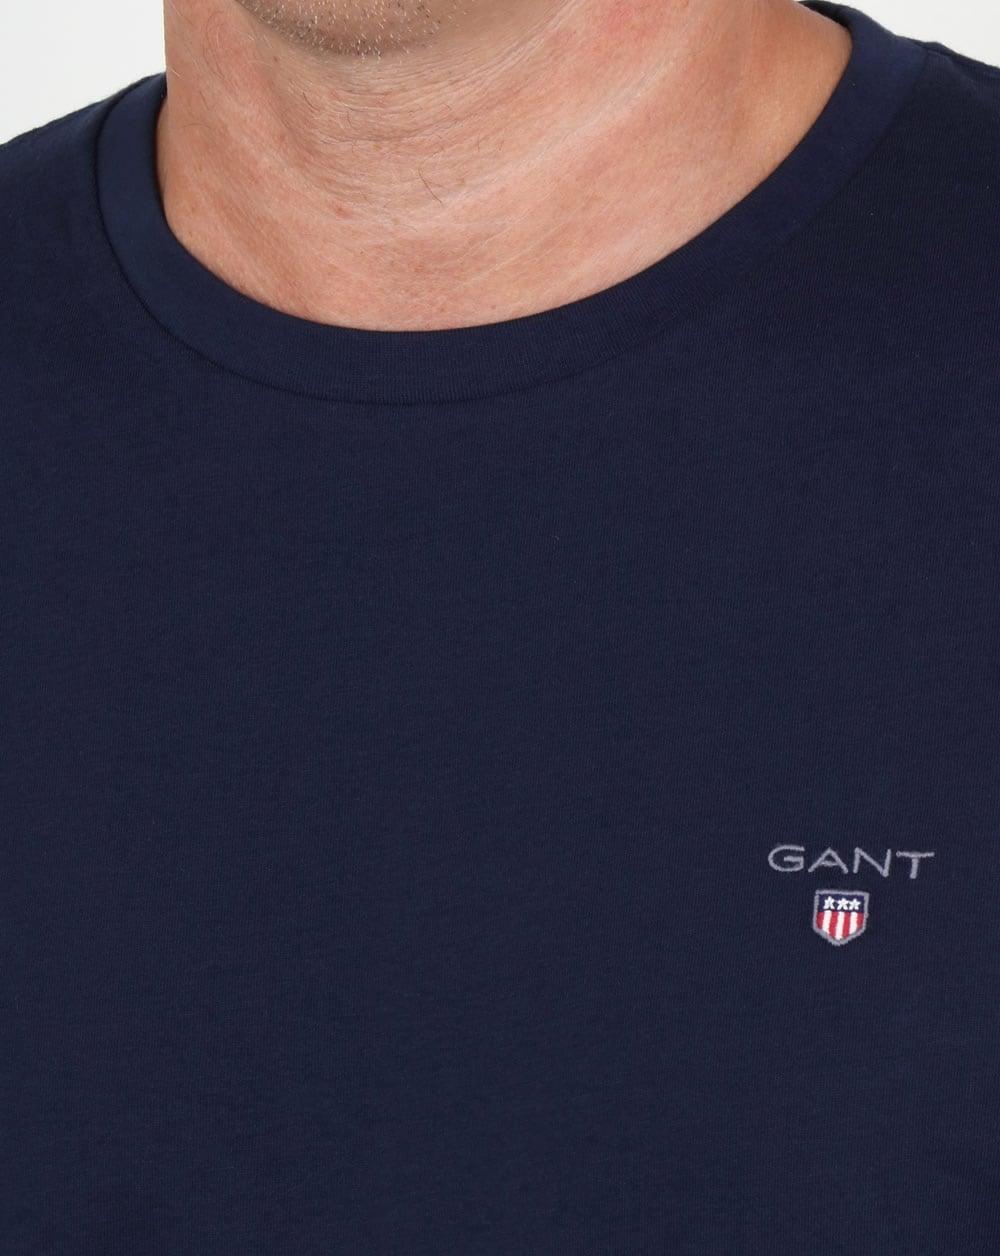 Blue Gant Men/'s Mobilize Sweatshirt